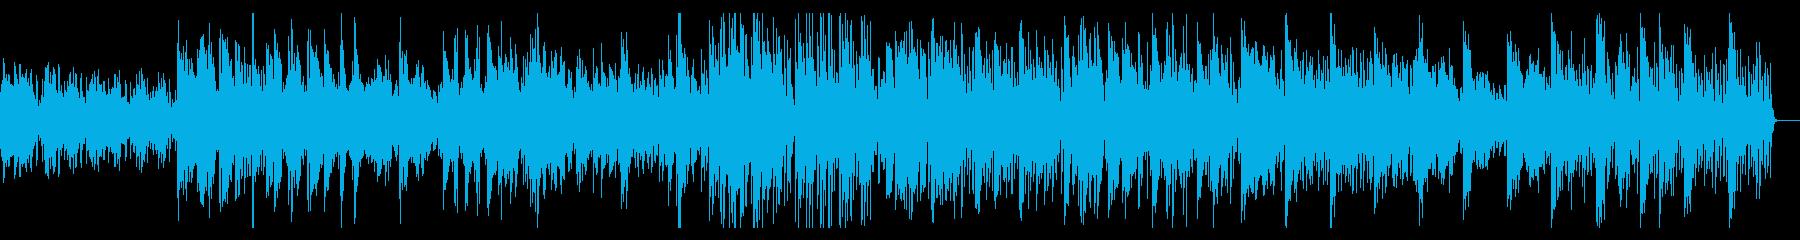 ゲームのフィールド画面に使われてそうな曲の再生済みの波形